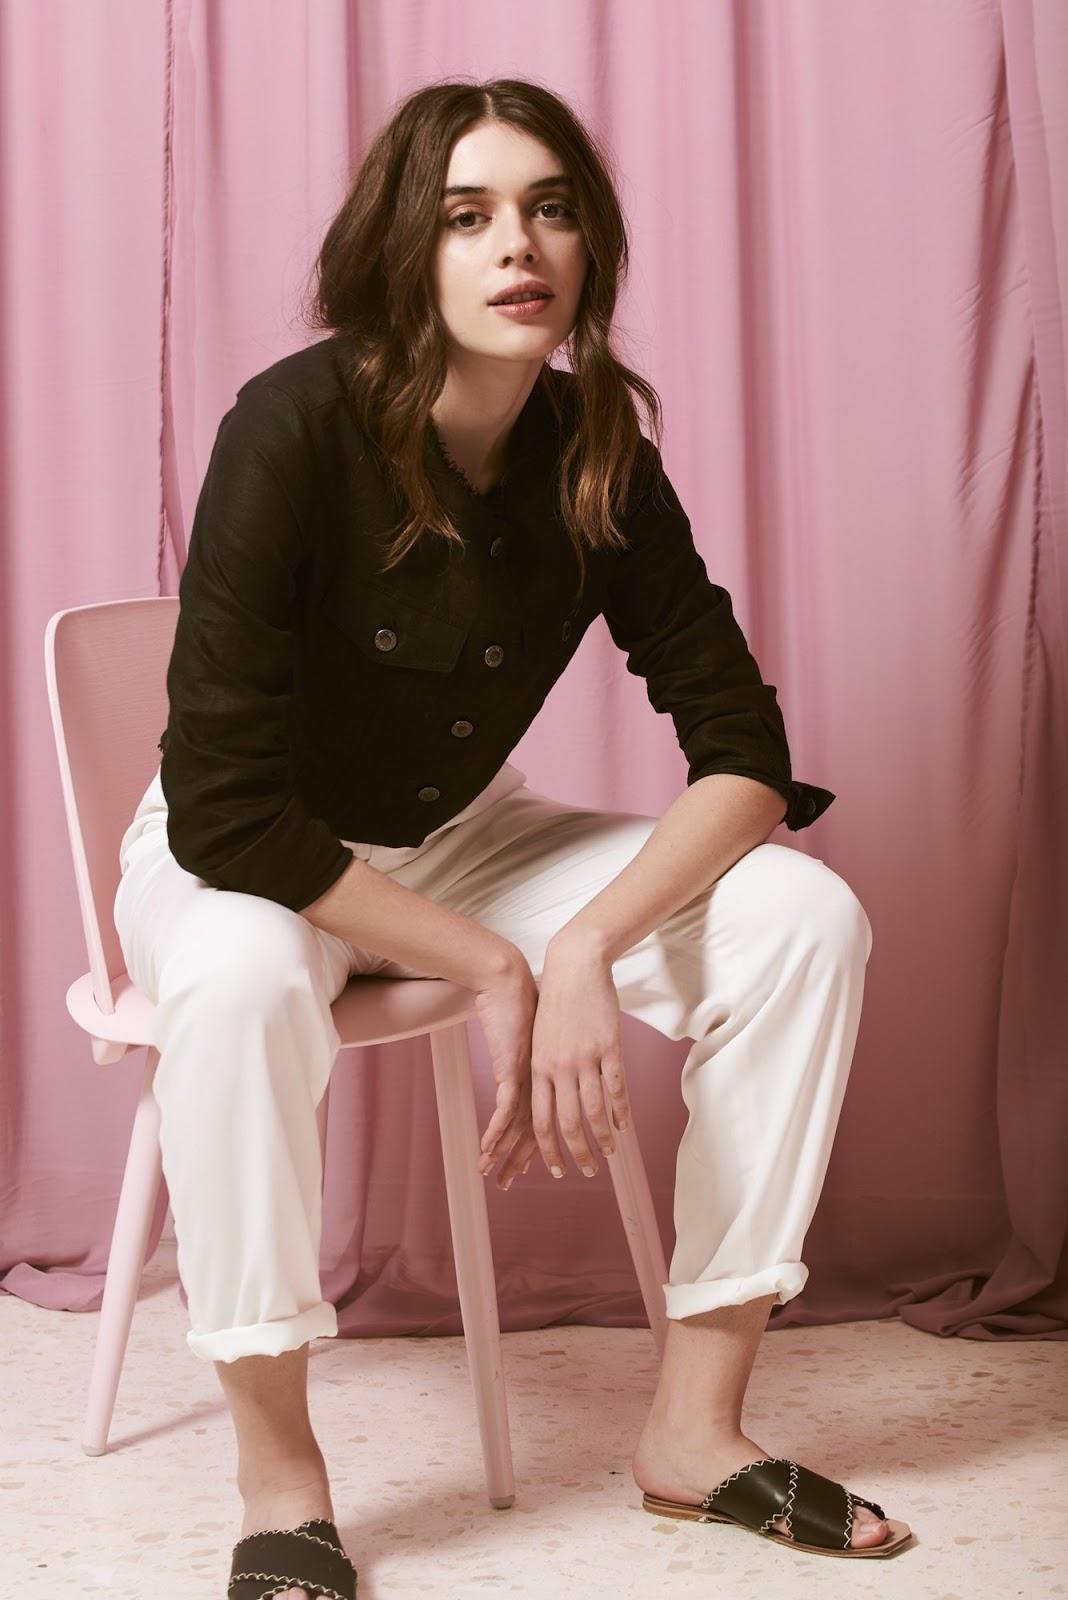 Moda verano 2020: camisas con mangas tres cuarto, blazers y pantalones de lino oxfords, palazzos, chupines y capris, shorts, faldas con volados, monos, vestidos camiseros, remeras y blusas verano 2020.